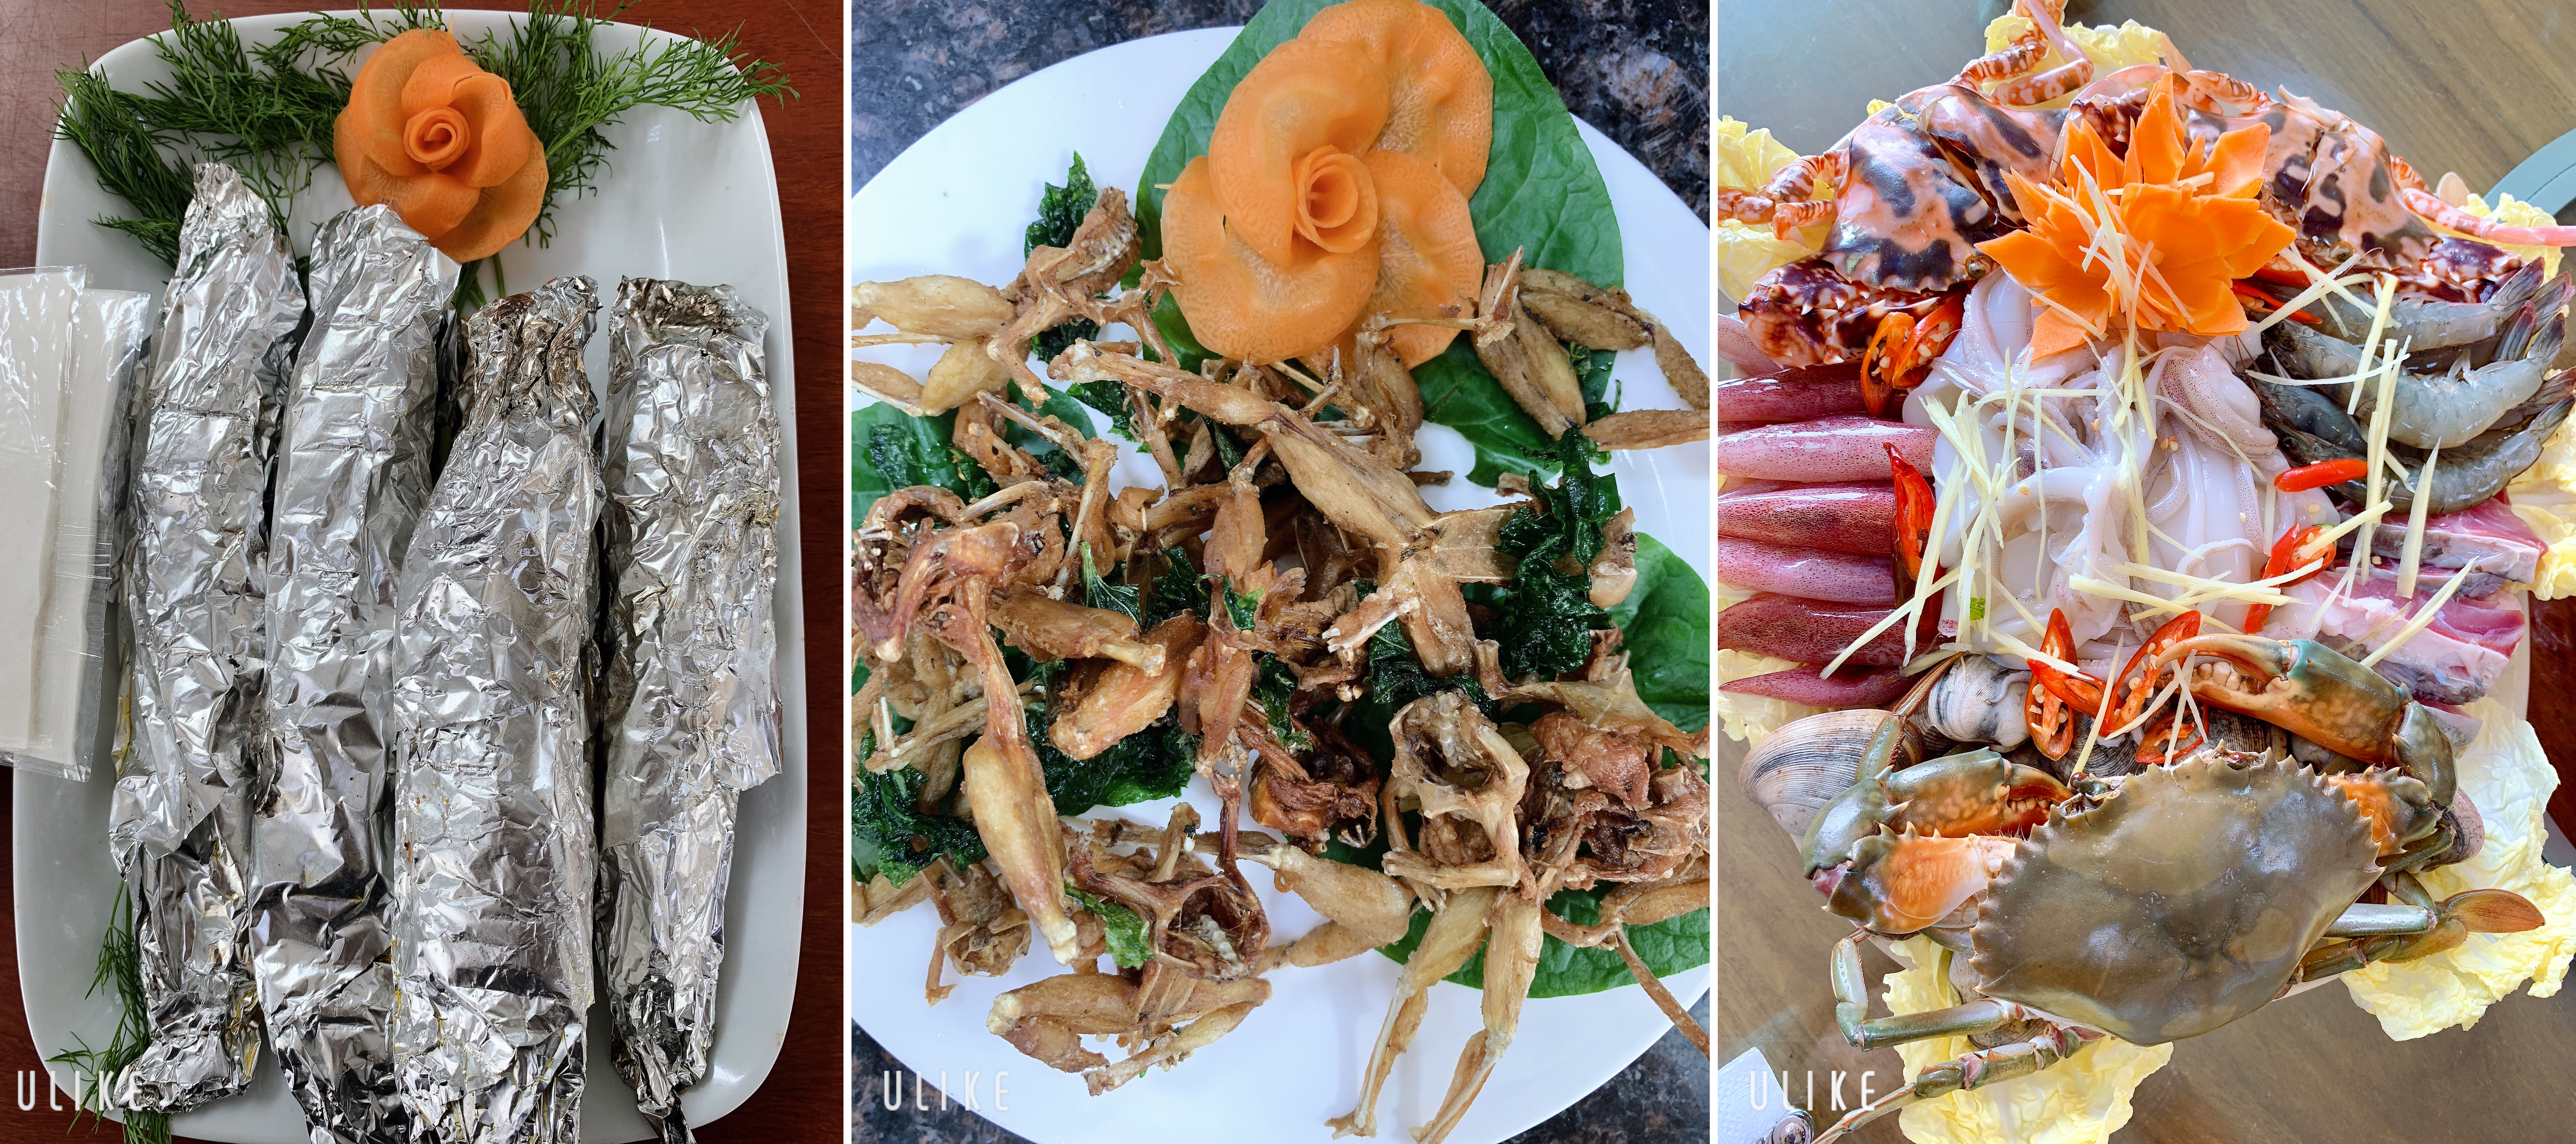 Thực đơn Nhà Hàng Ẩm Thực Sinh Thái Minh Hải 2 Hưng Yên